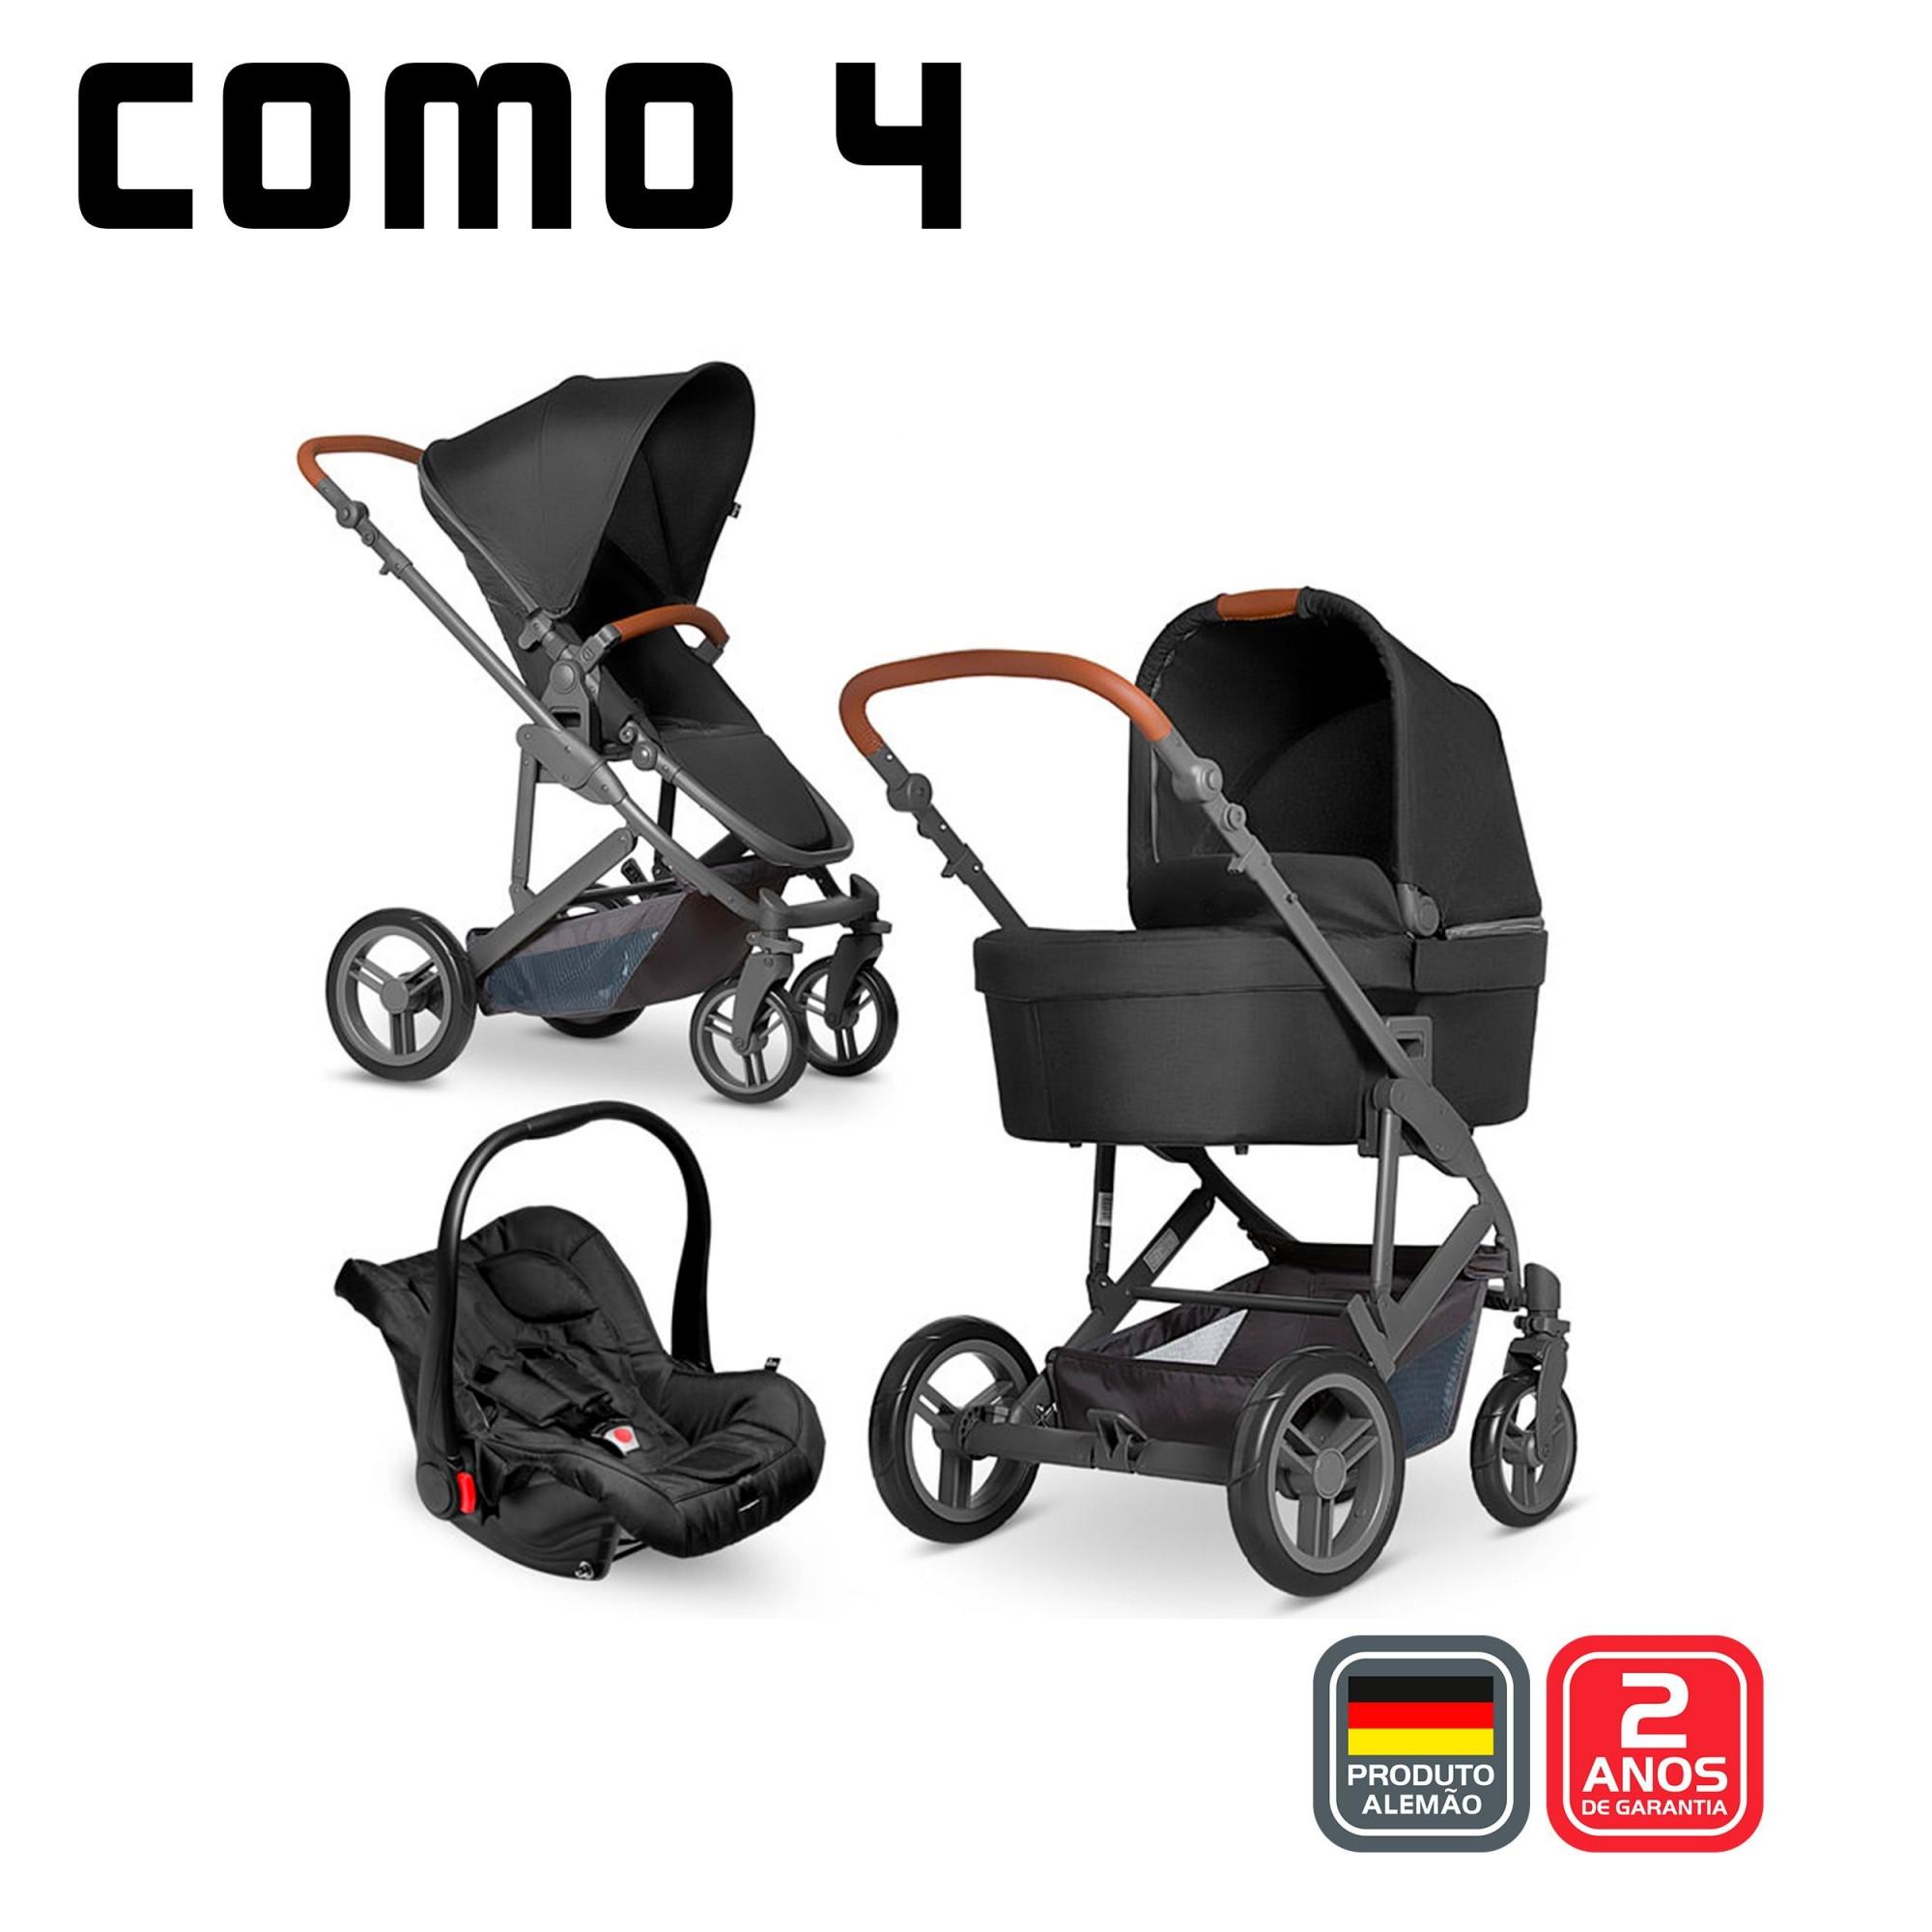 CARRINHO TRAVEL SYSTEM ABC DESIGN - COMO 4 WOVEN BLACK